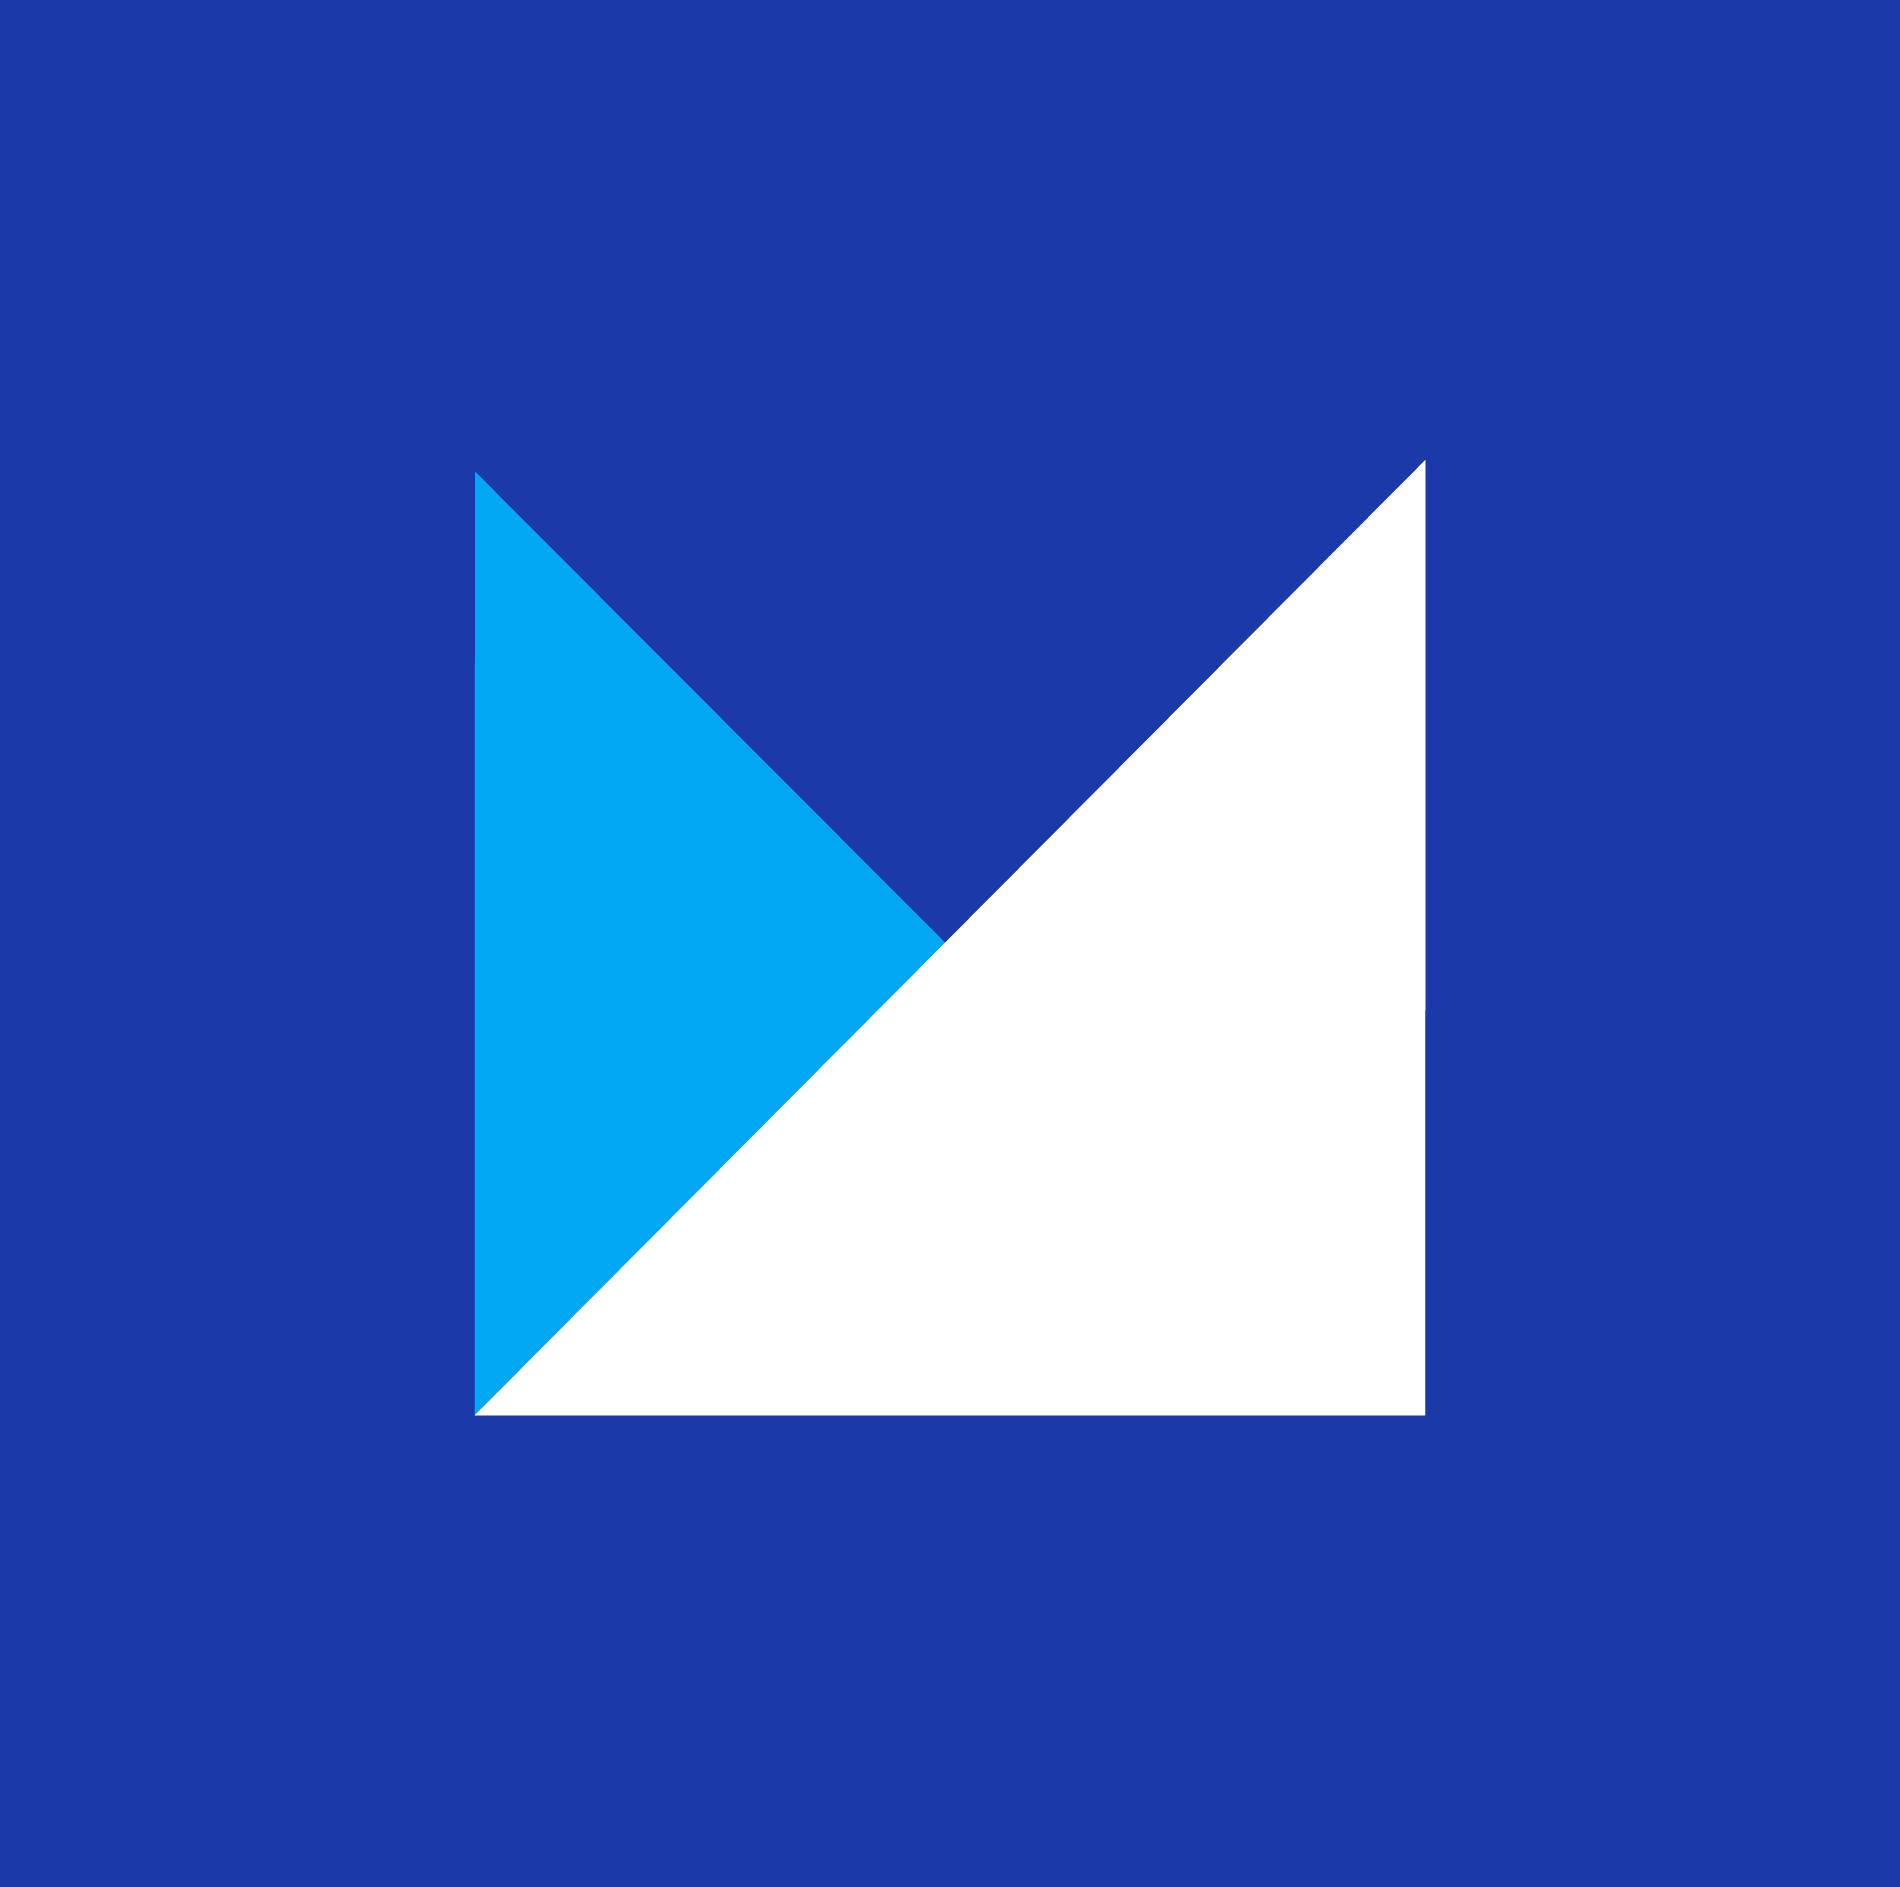 Material design Logos.